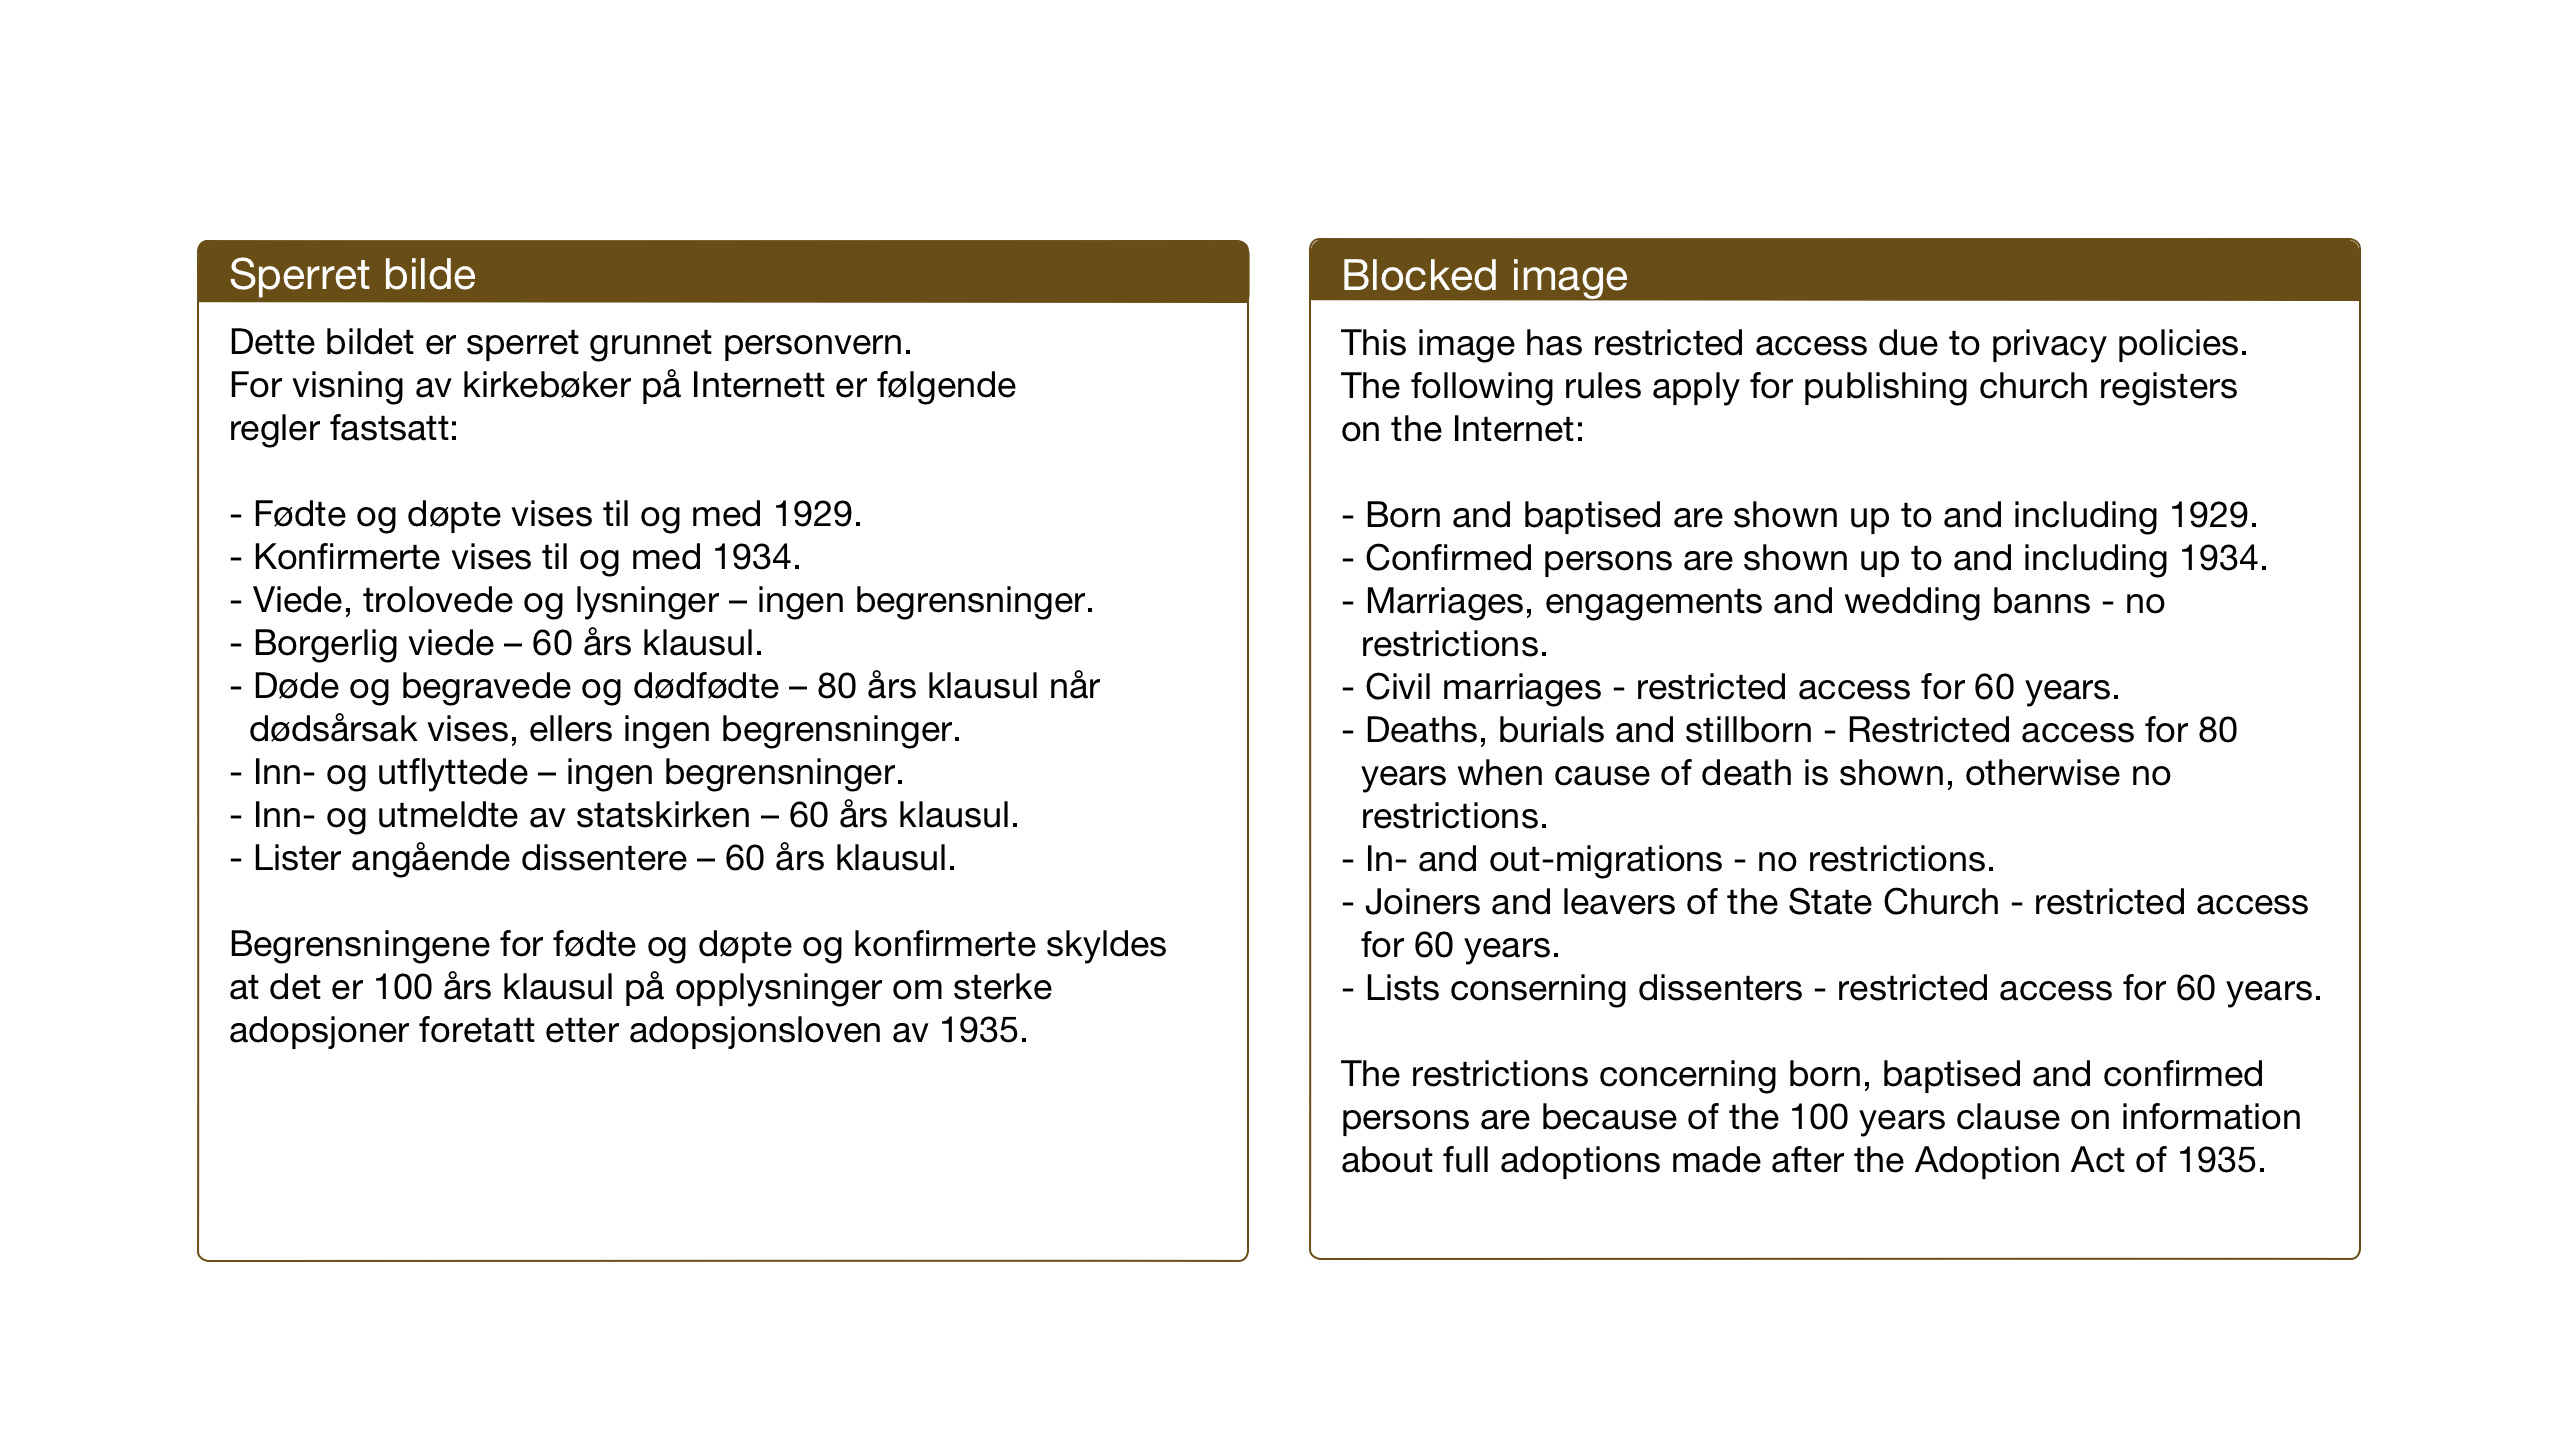 SAT, Ministerialprotokoller, klokkerbøker og fødselsregistre - Sør-Trøndelag, 603/L0175: Klokkerbok nr. 603C03, 1923-1941, s. 203